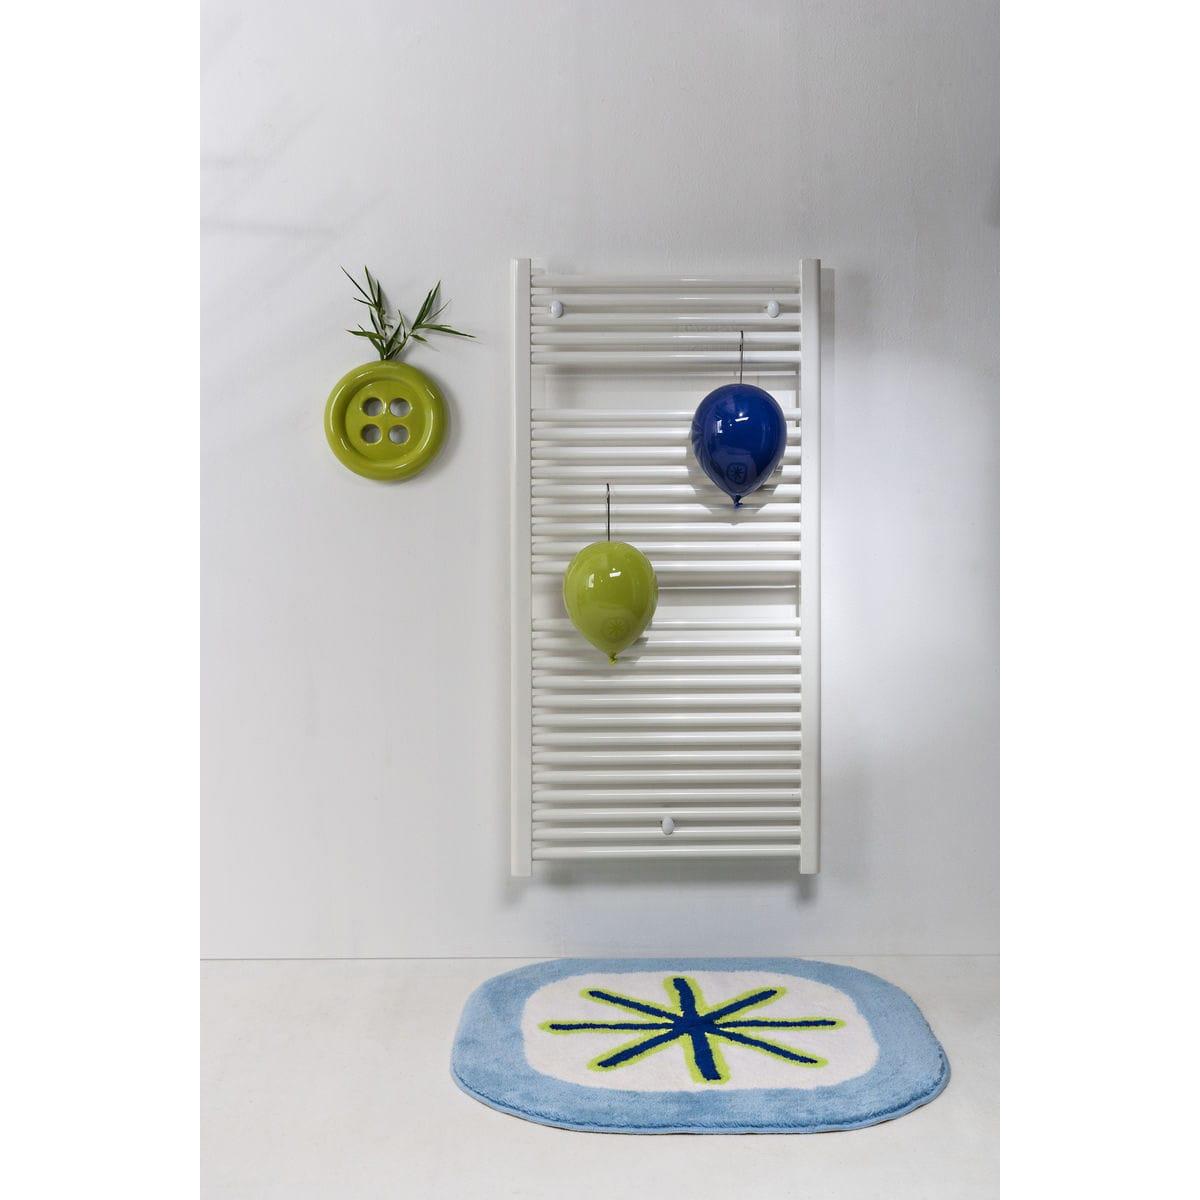 Umidificatori per radiatore in ceramica a forma di palloncino, collezione Balloon, colore verde e blu con umidificatore per termosifone a forma di bottone verde